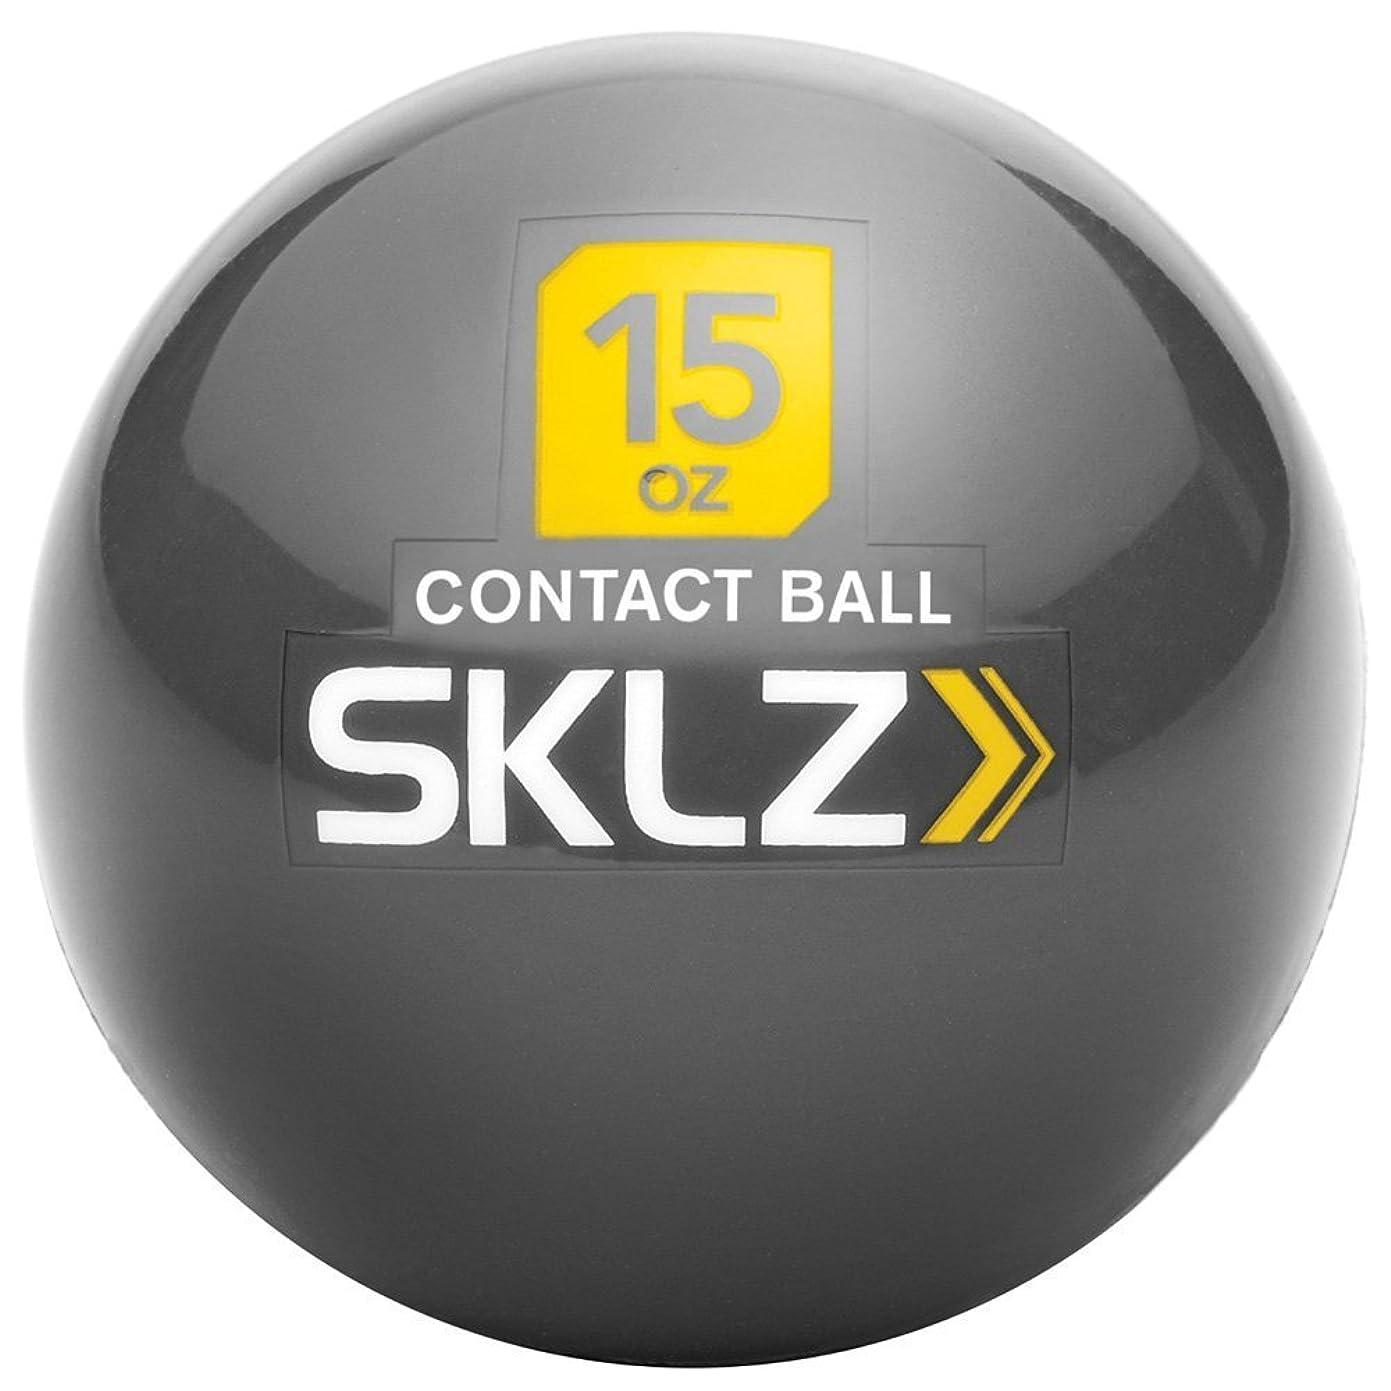 くるみ思い出すサバントコンタクトボール [サイズ:直径約7cm、収納7.49cm×7.49cm×7.49cm] #026903